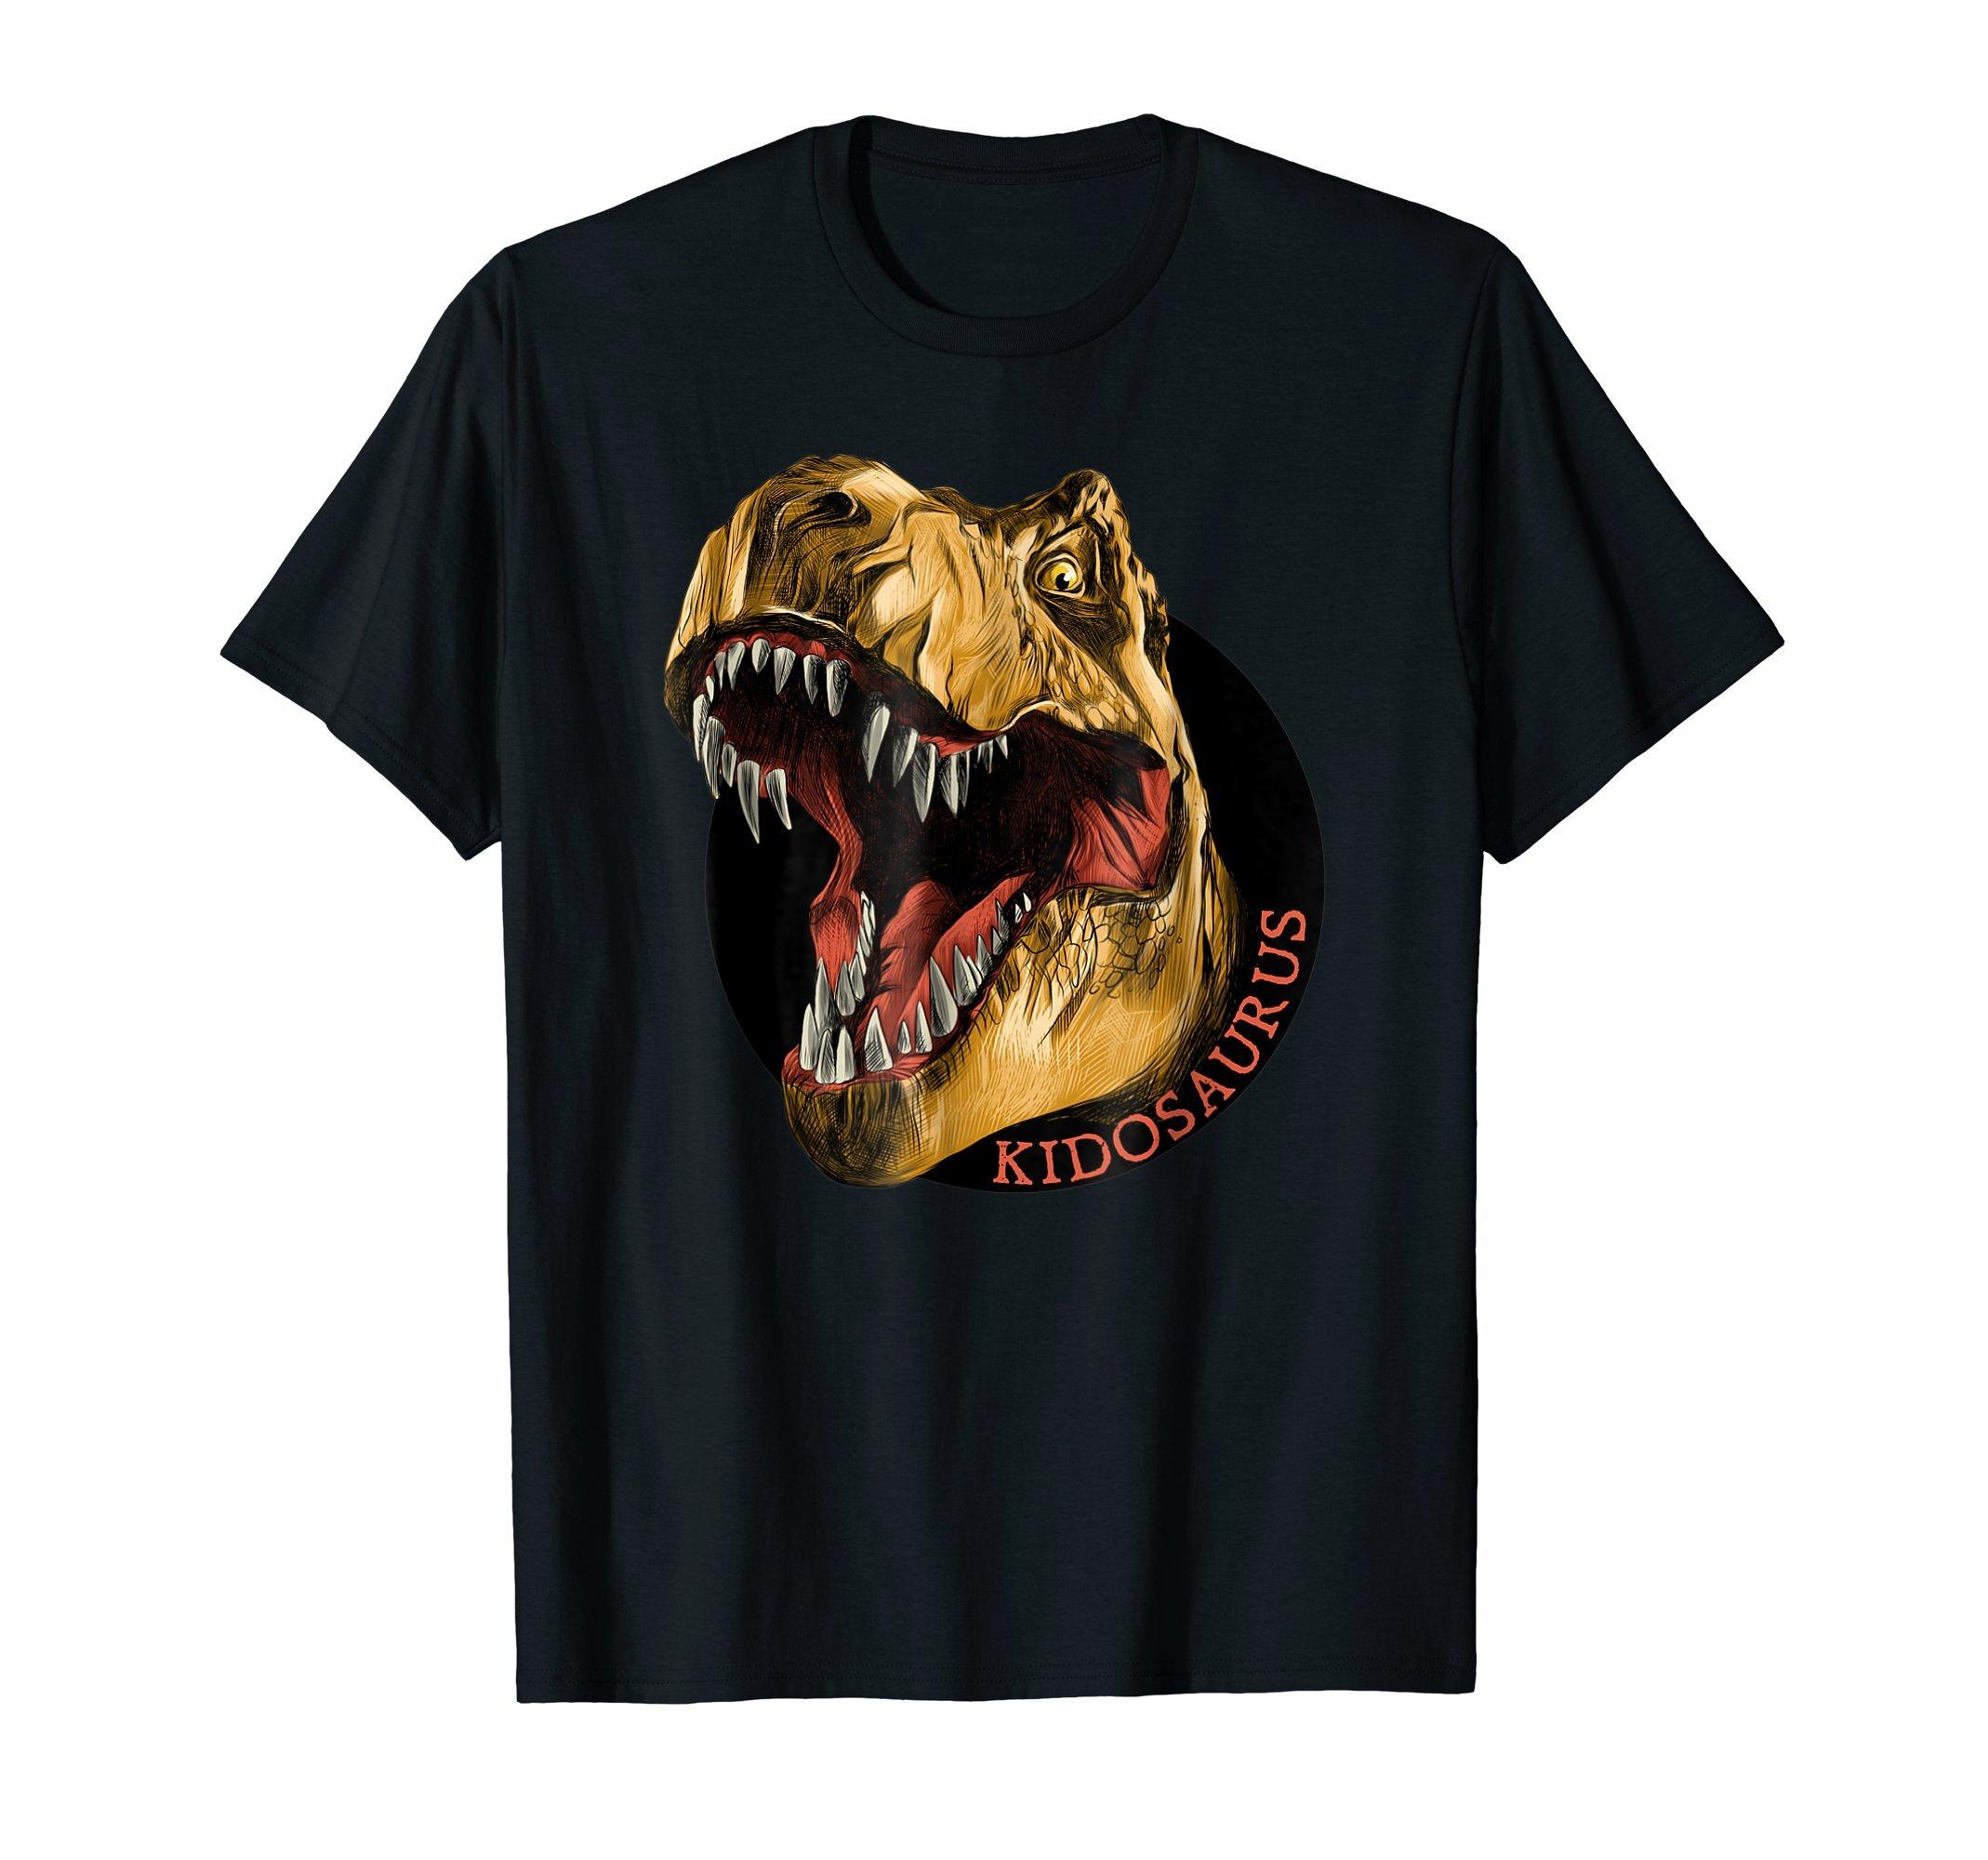 Kidosaurus-Rex-Dinosaur-Happy-Fun-T-Shirt-Tee-Shirt-Gift